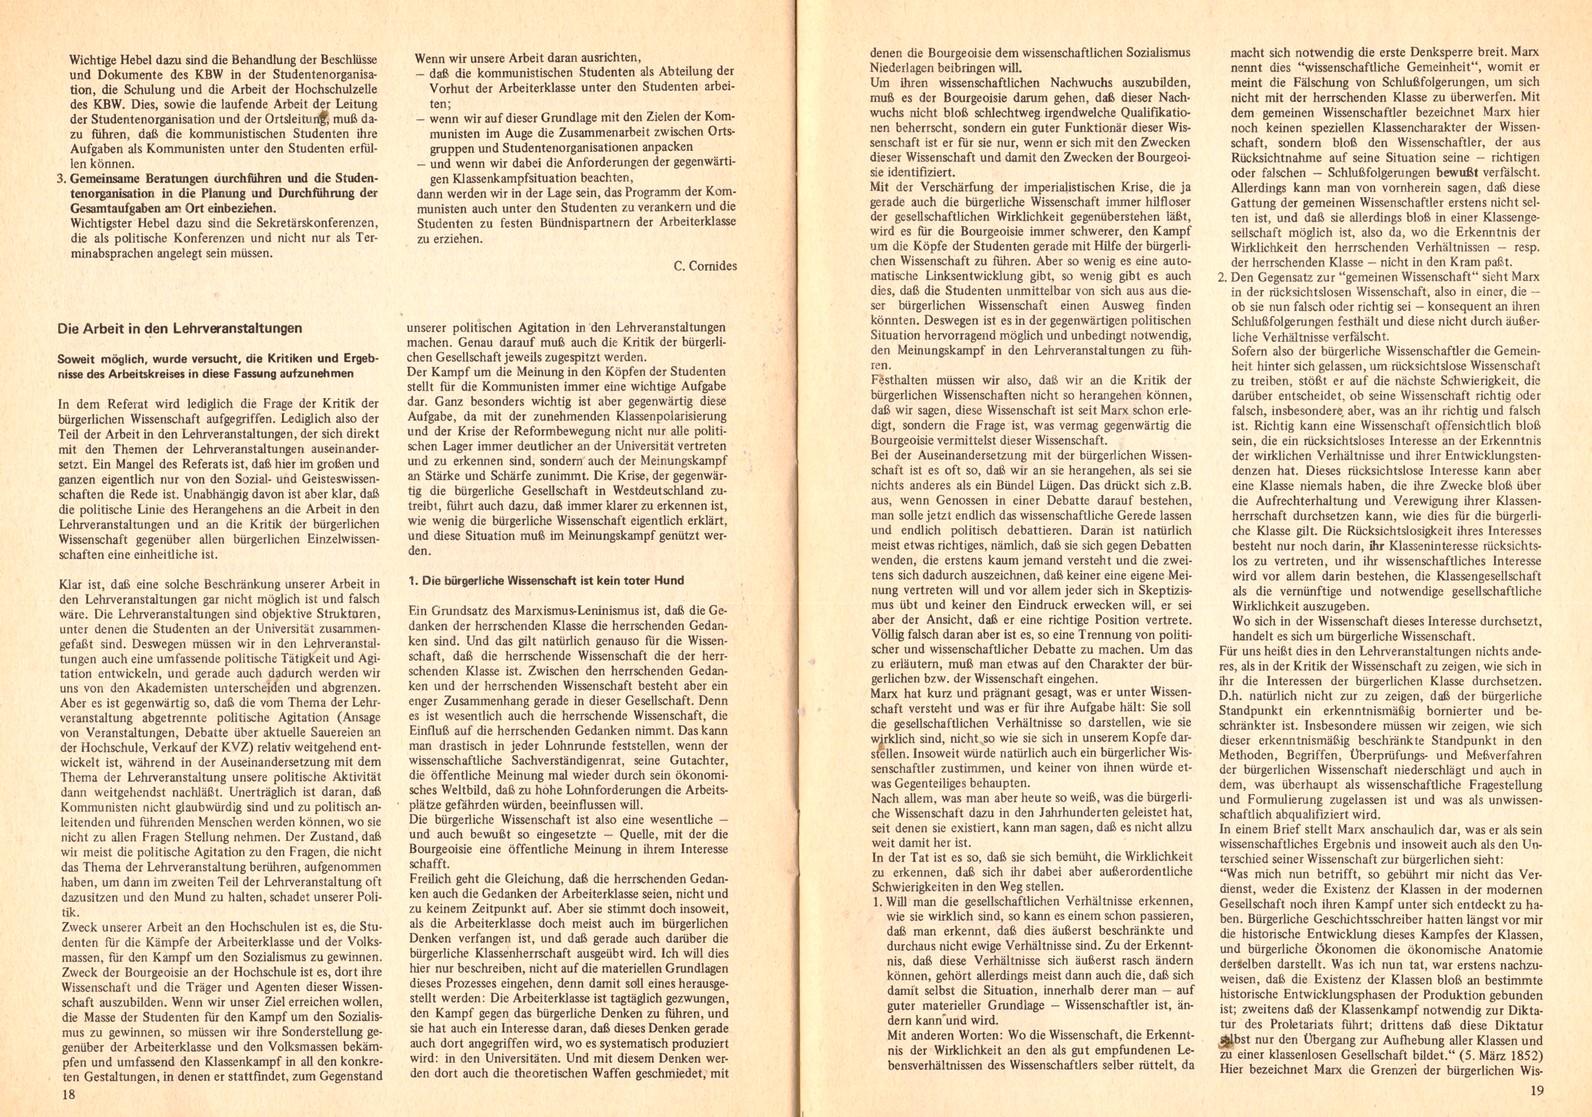 KBW_1974_Aufgaben_der_kommunistischen_Studenten_10